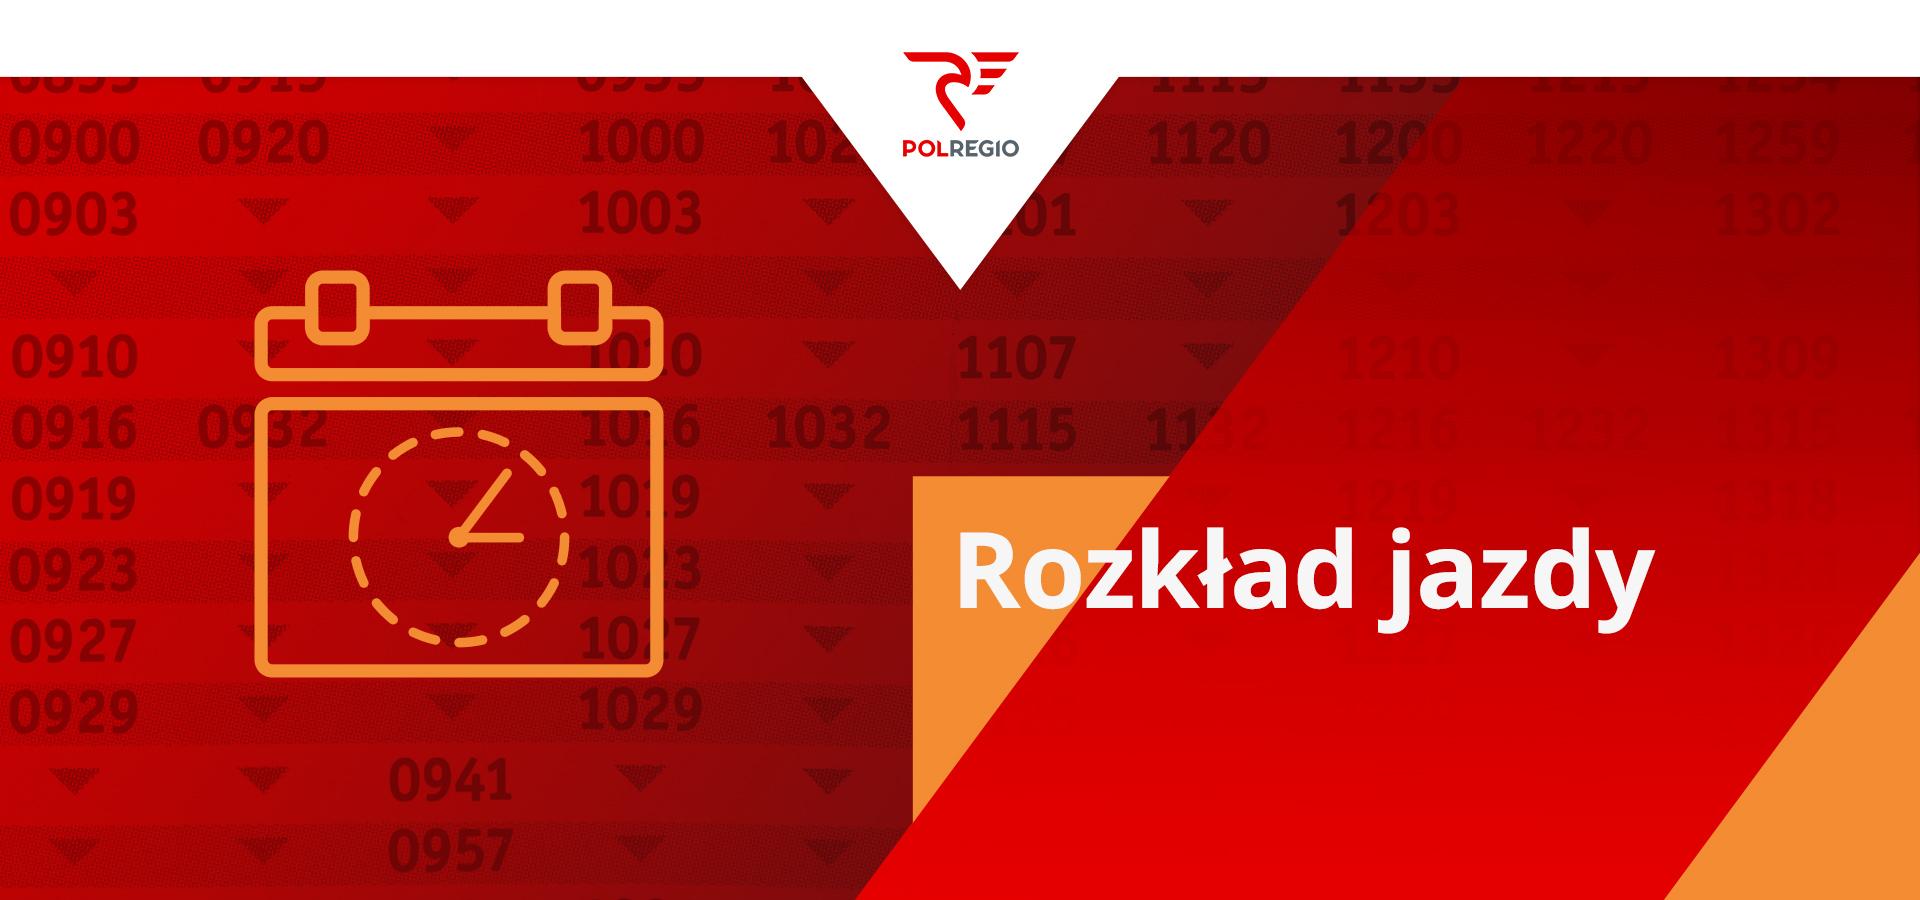 Zmiana Rozkładu Jazdy Pociągów Od 10 Grudnia 2017 R W